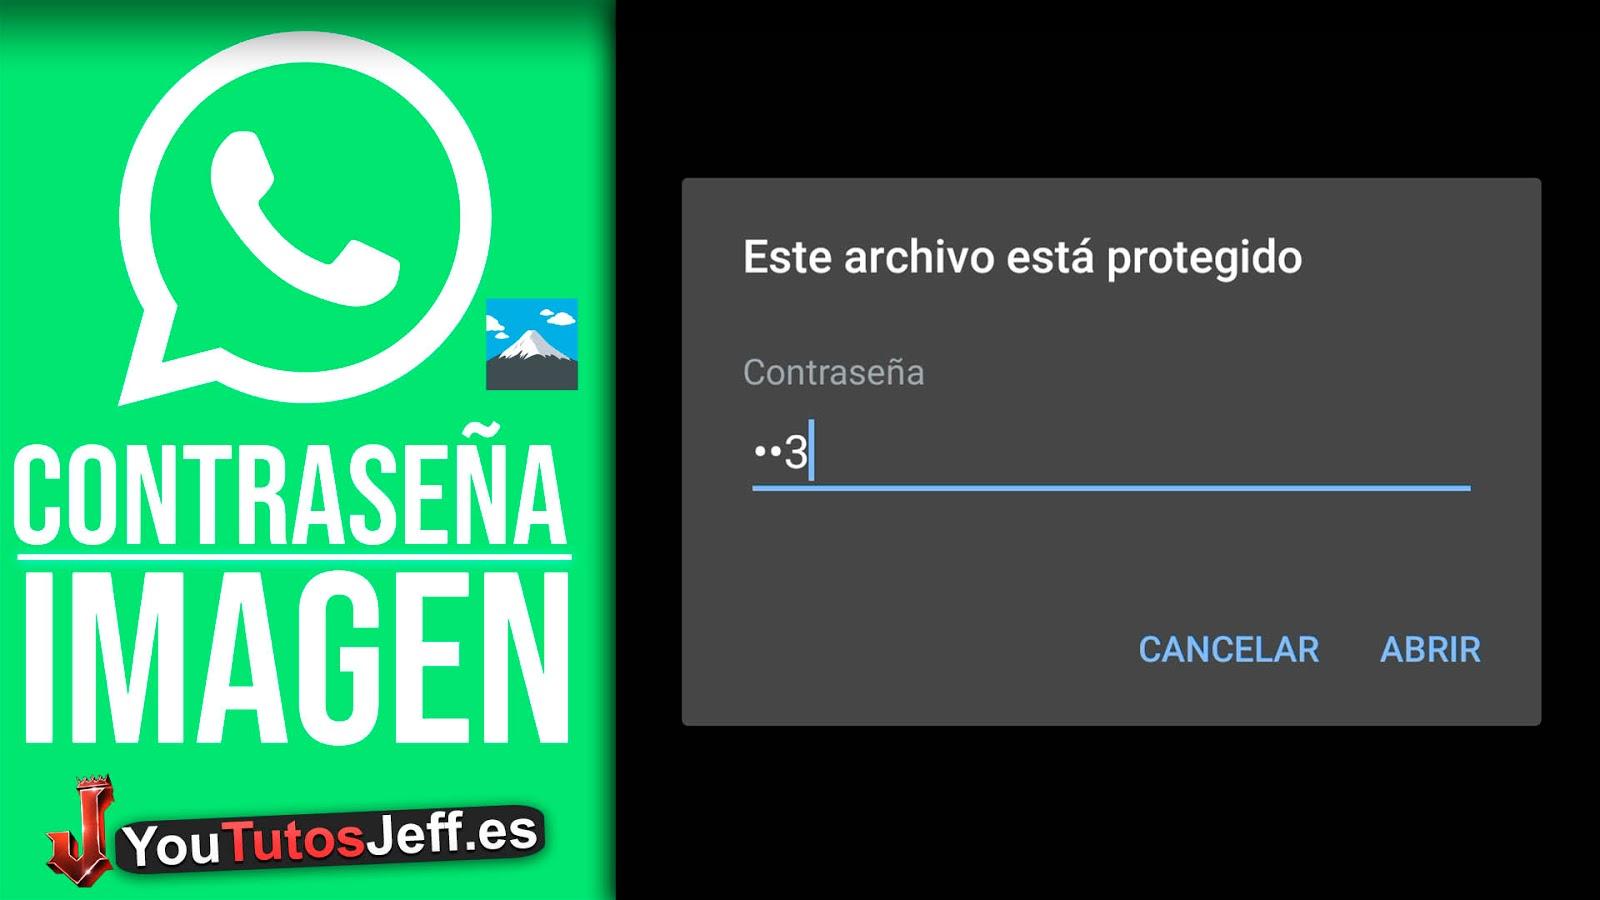 Como Enviar Fotos con Contraseña en Whatsapp